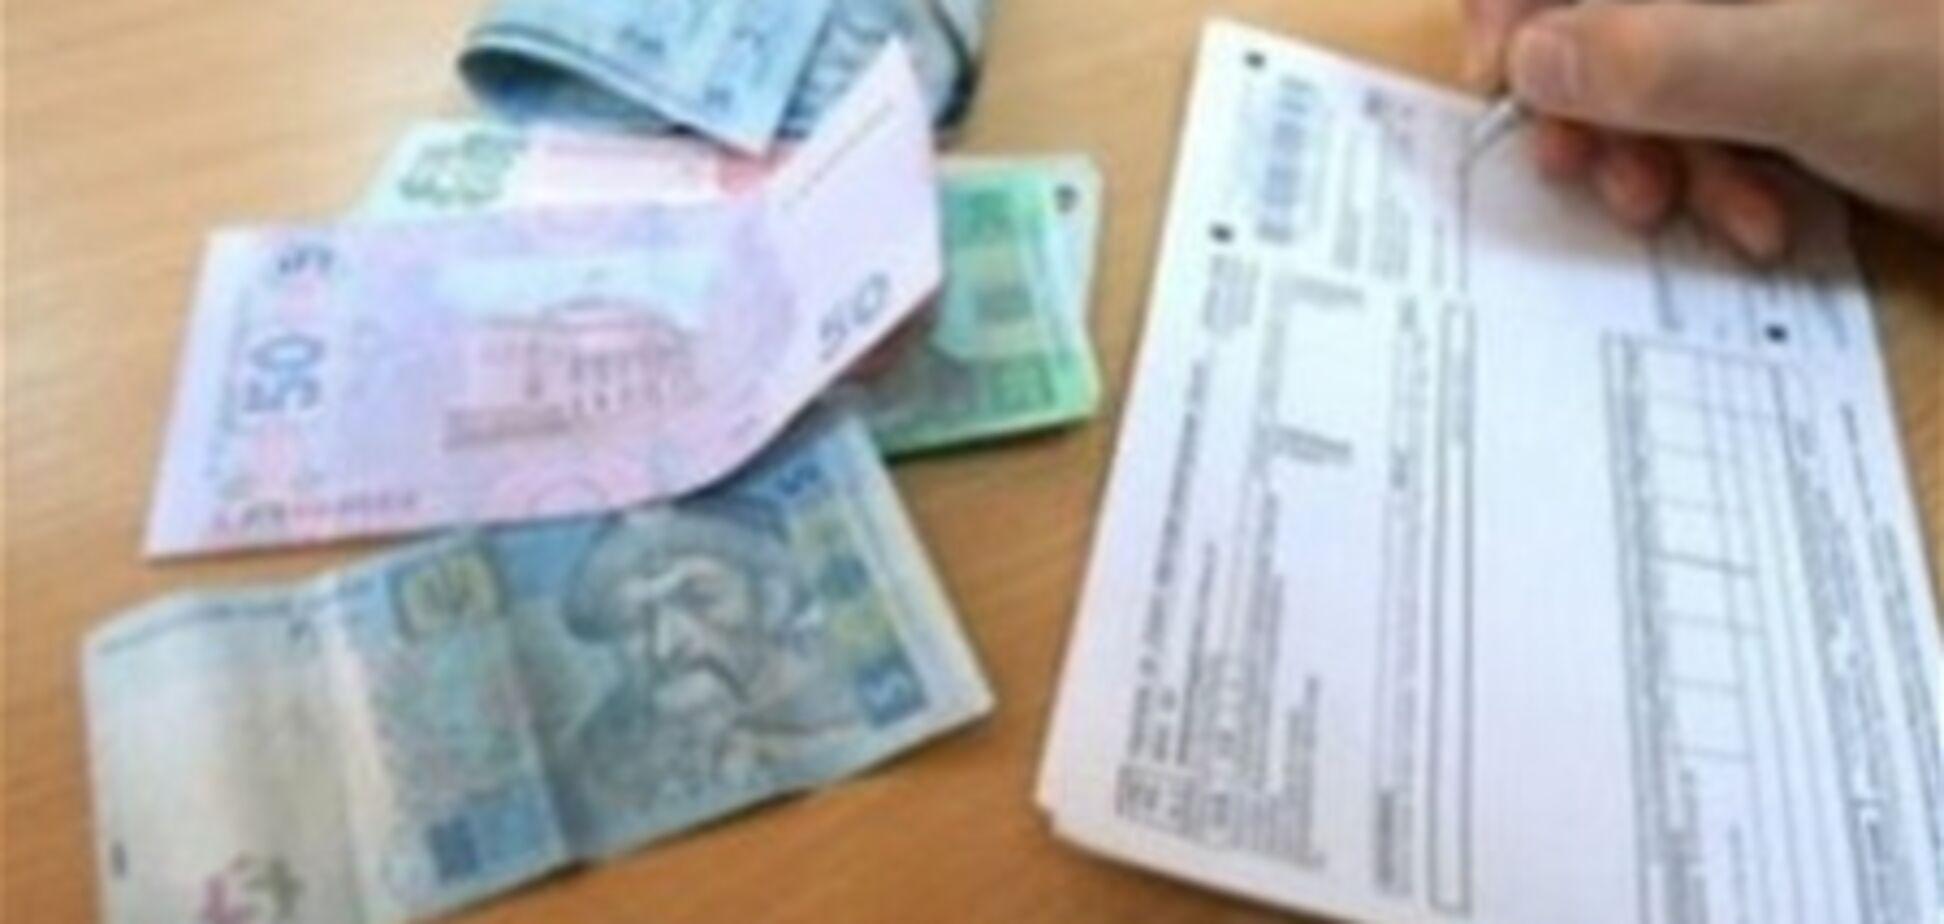 Украинцы задолжали за 'коммуналку' более 11 млрд грн